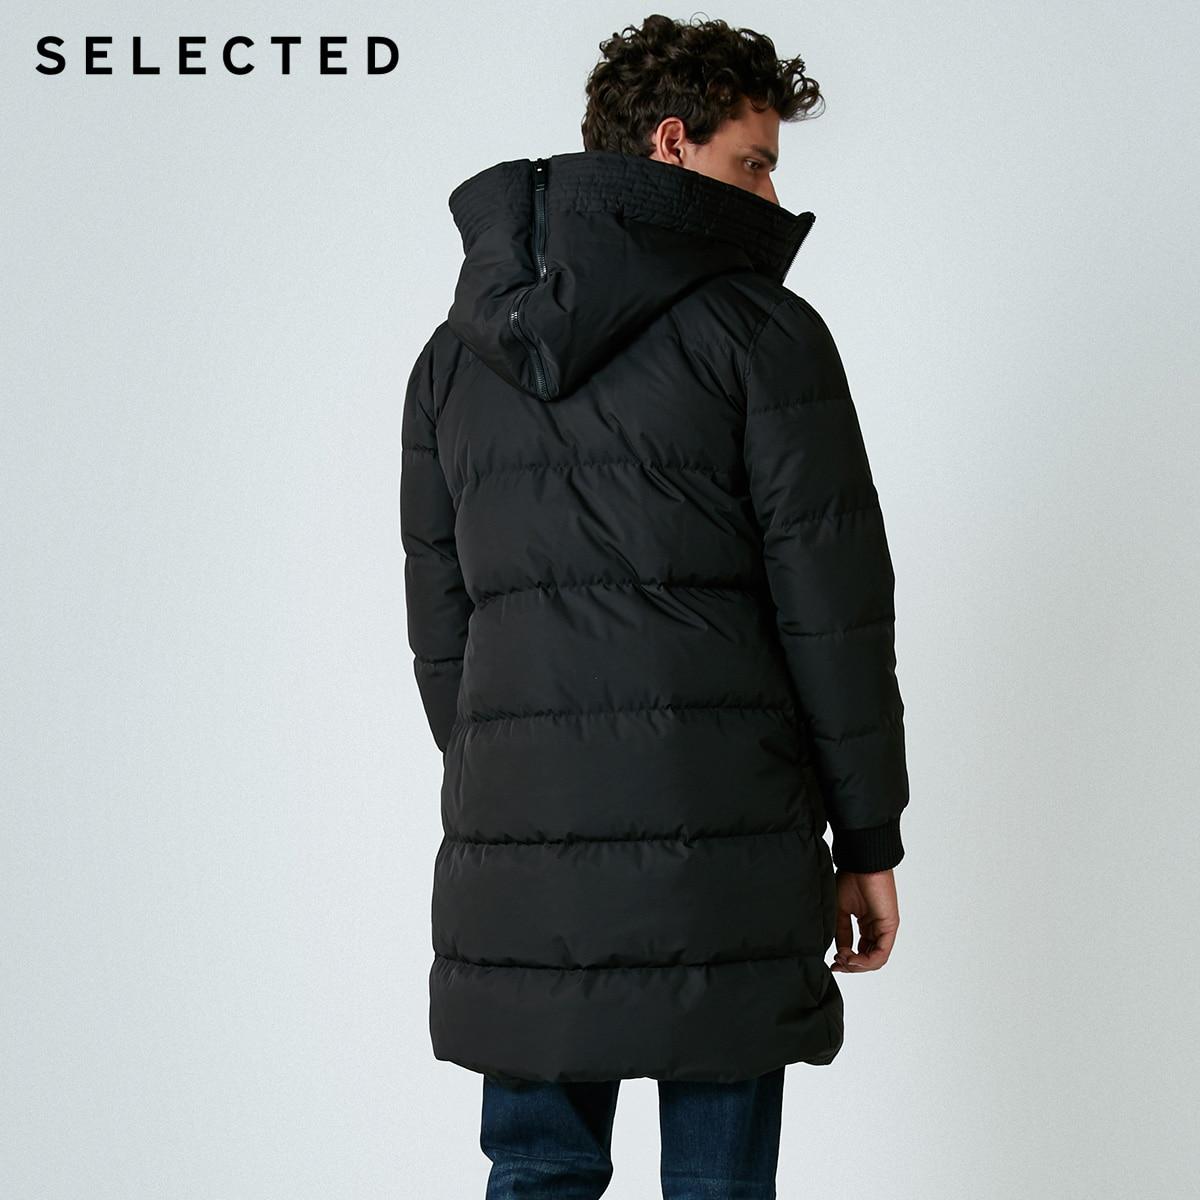 SELECTED nouveau hiver doudoune hommes fermeture éclair et chapeau décontracté moyen et Long manteau costume S   418412503 - 3